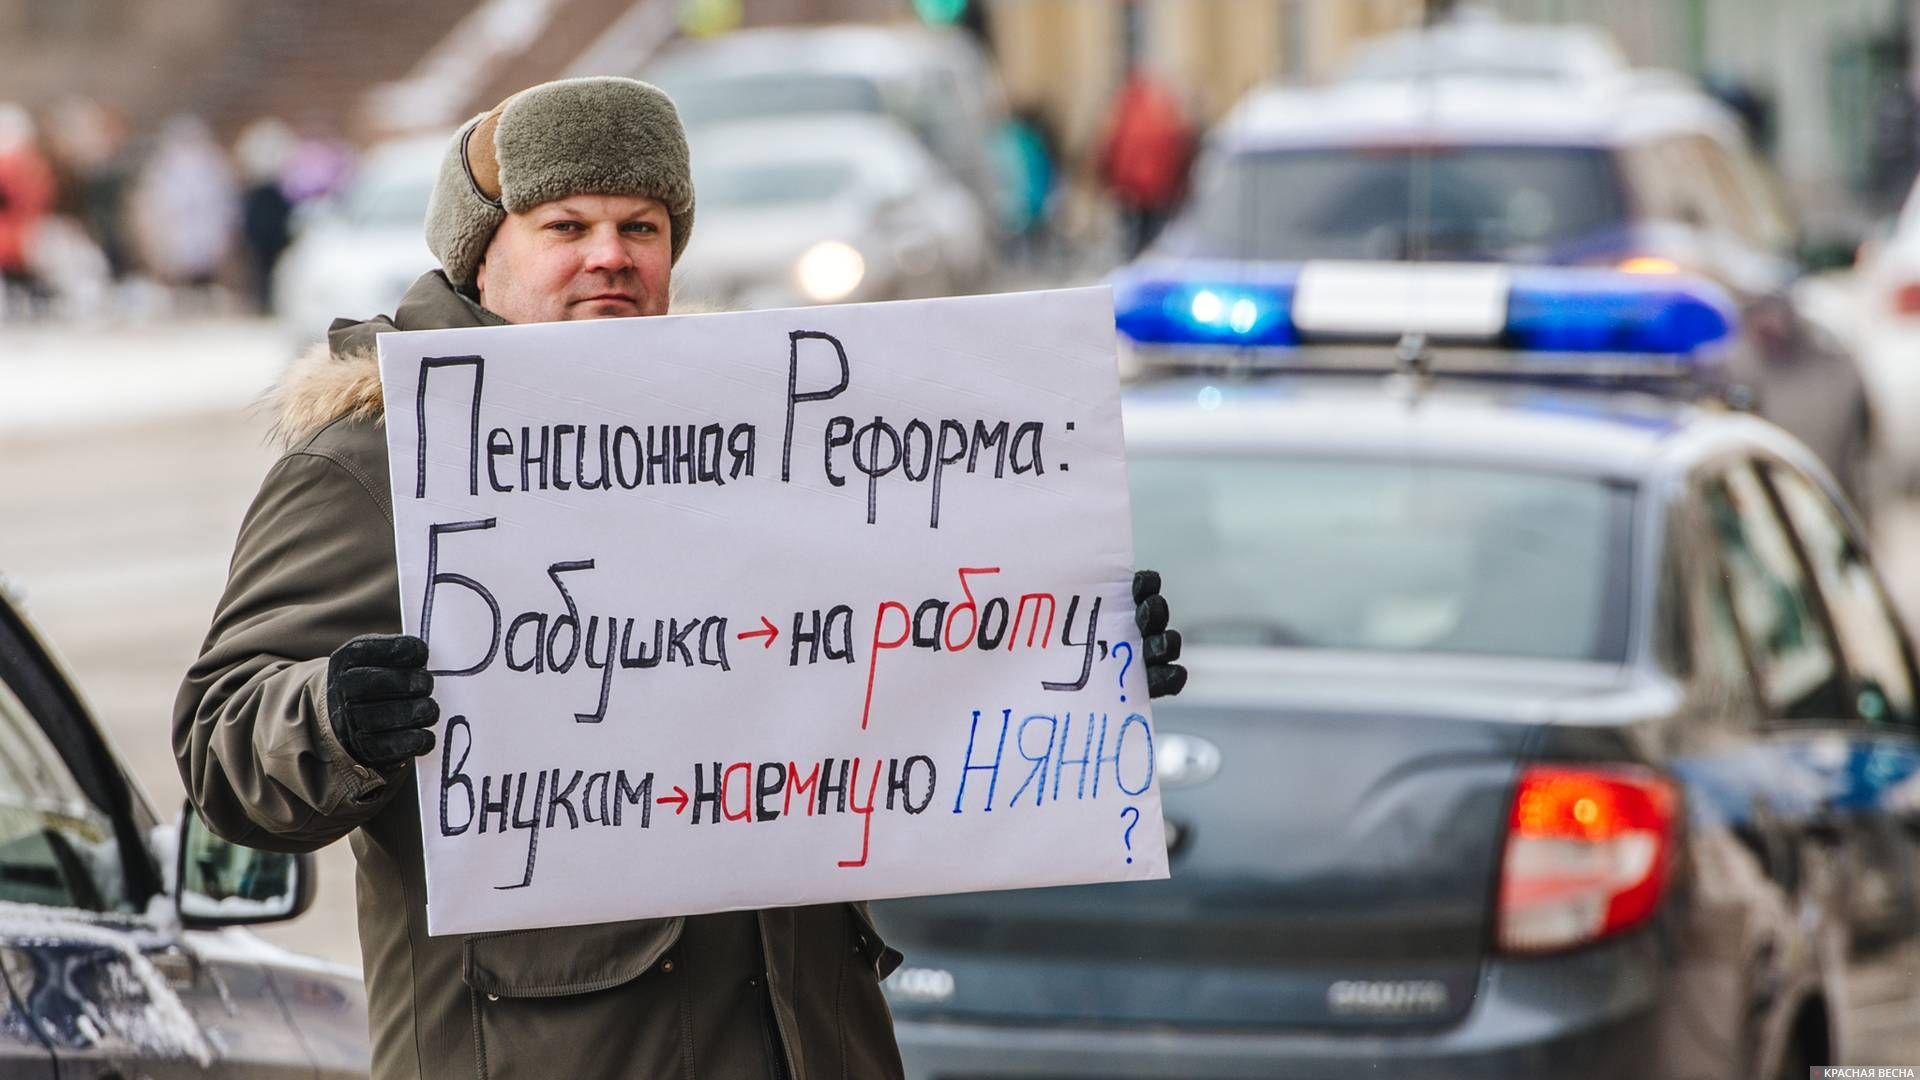 Одиночные пикеты против пенсионной реформы на Невском проспекте. 3 марта 2019 года. Санкт-Петербург